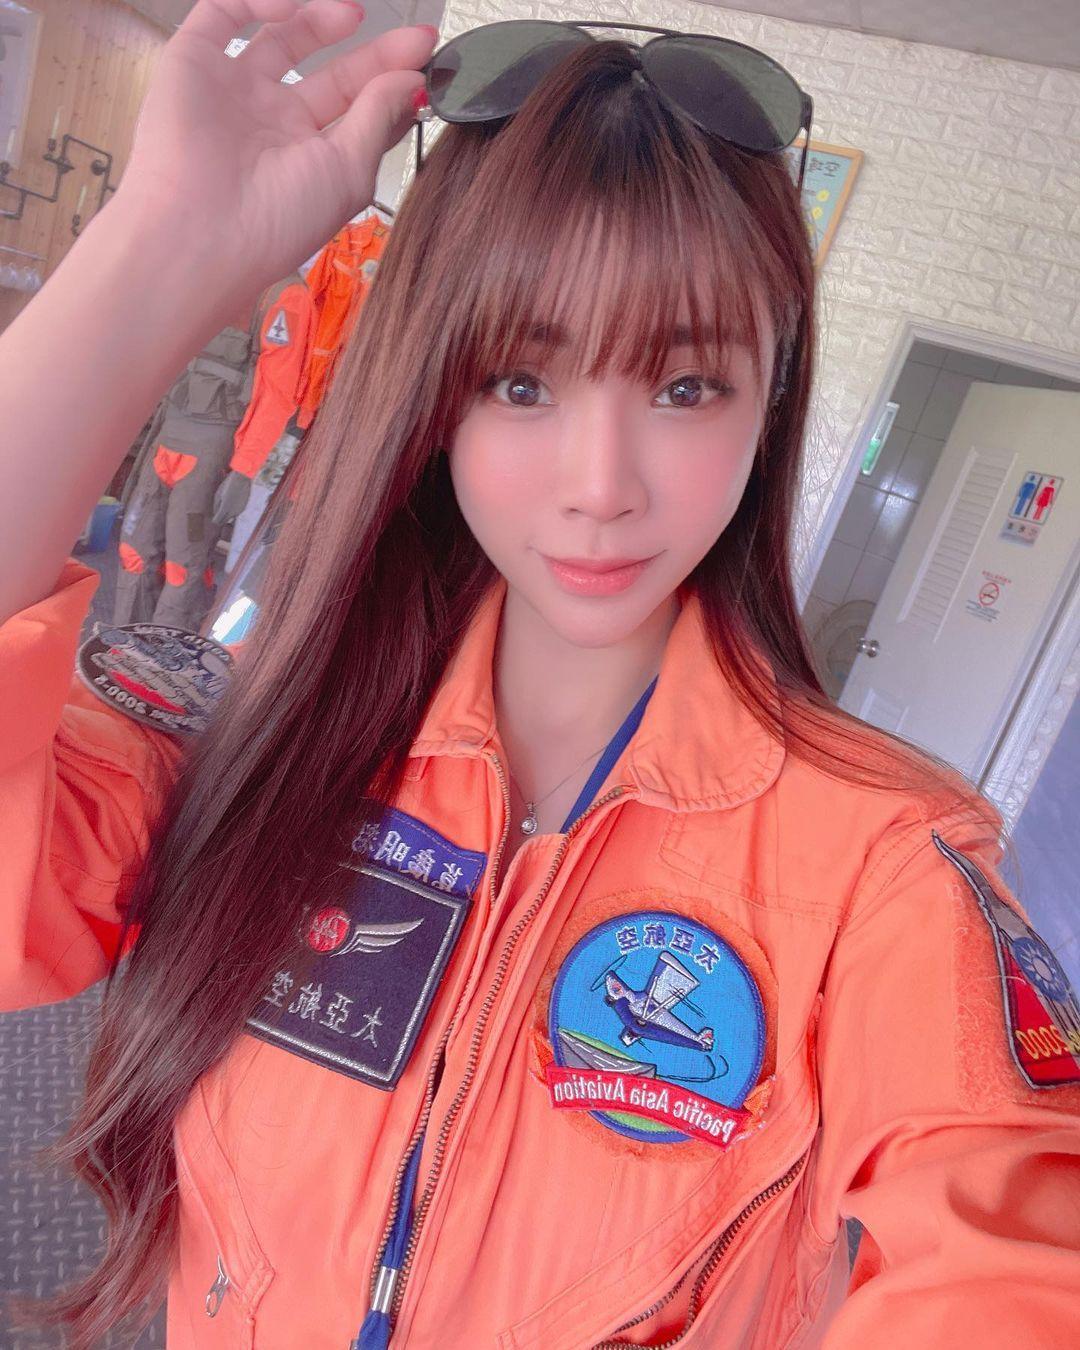 轻航机美女飞行员「莉亚liya」启航绝美御姐霸气满分 网络美女 第2张